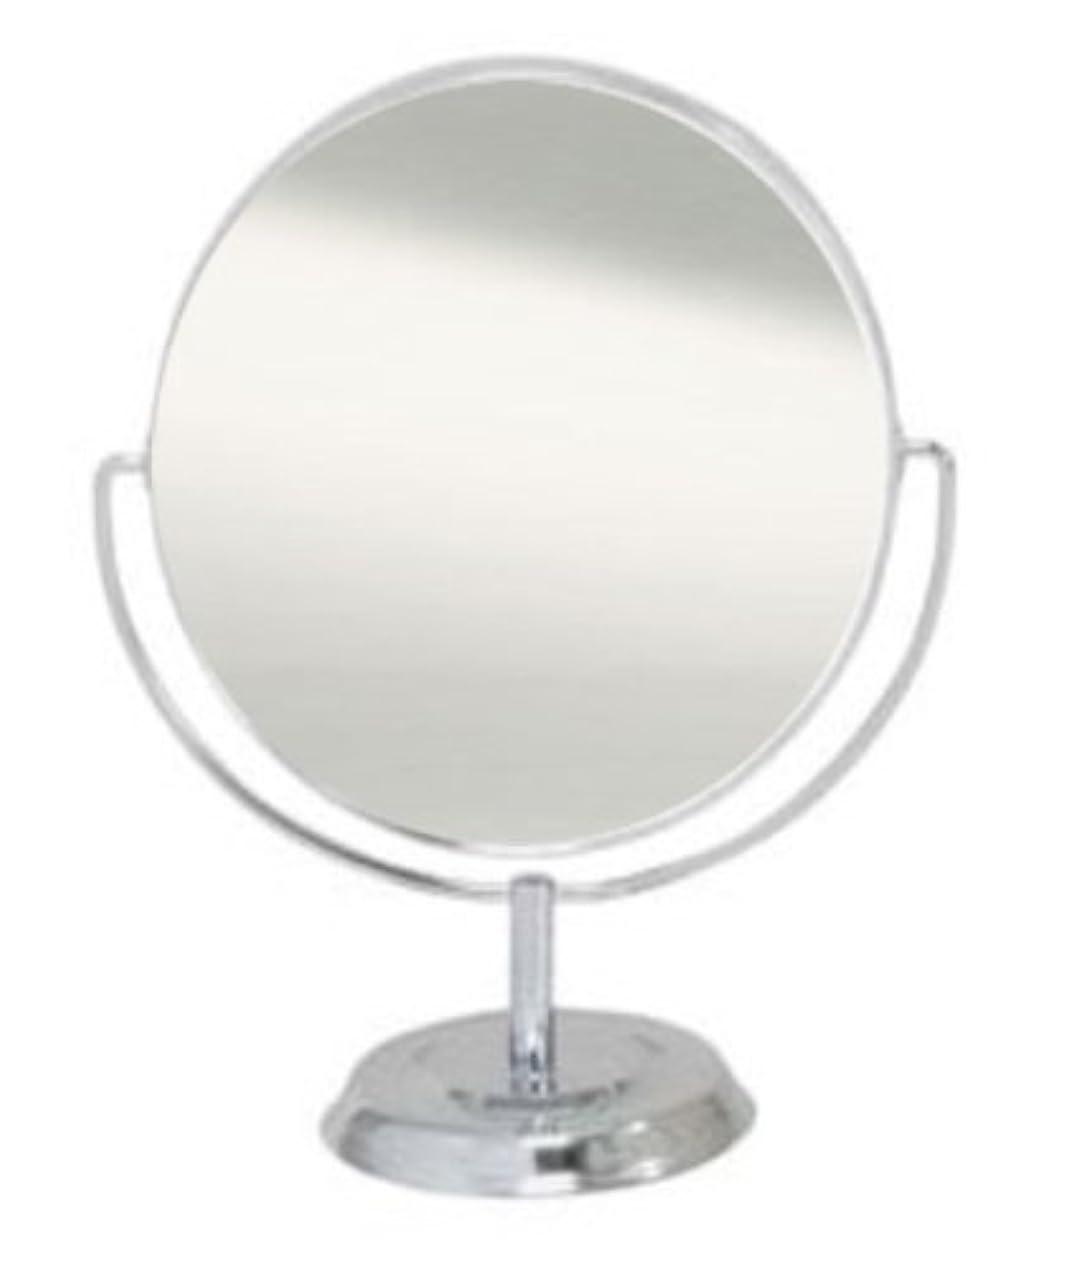 シャワーネズミ条約メリー 片面約3倍拡大鏡付両面鏡卓上ミラー シルバー No.5870